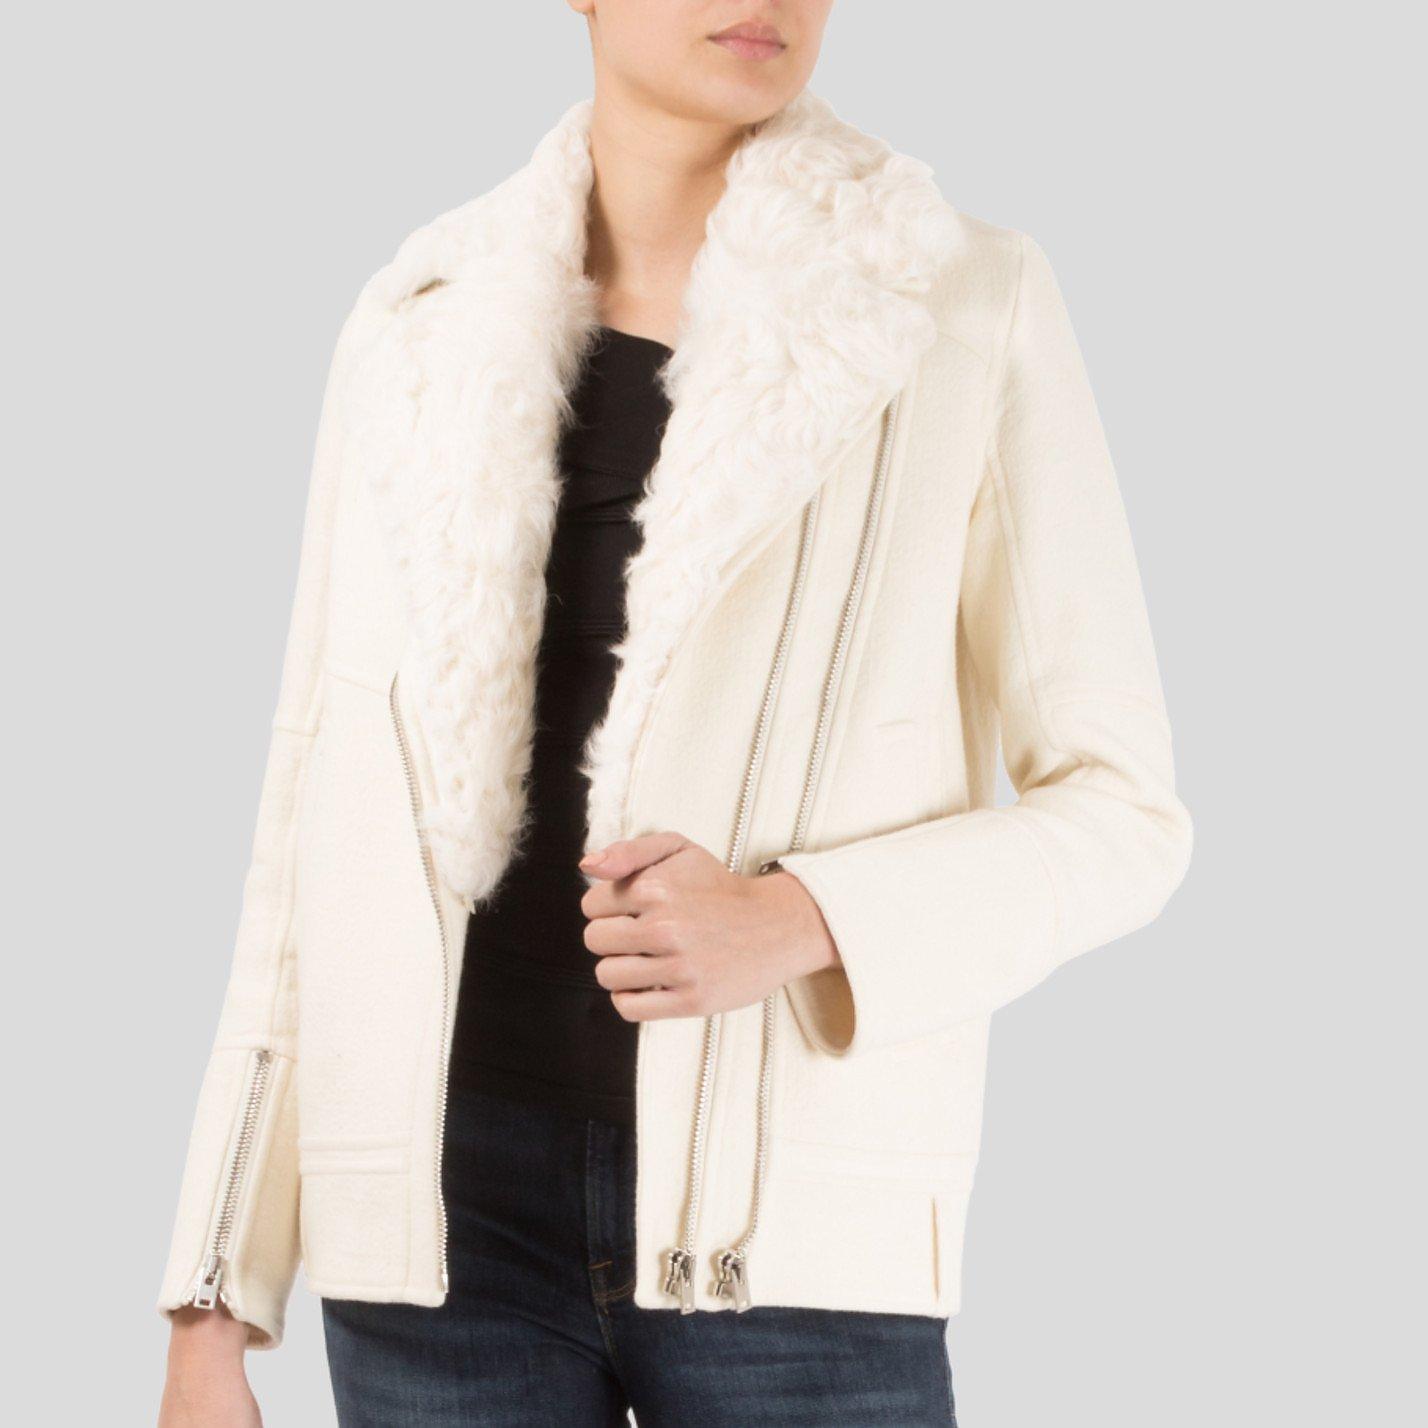 IRO Lamb Fur-Trimmed Biker Jacket